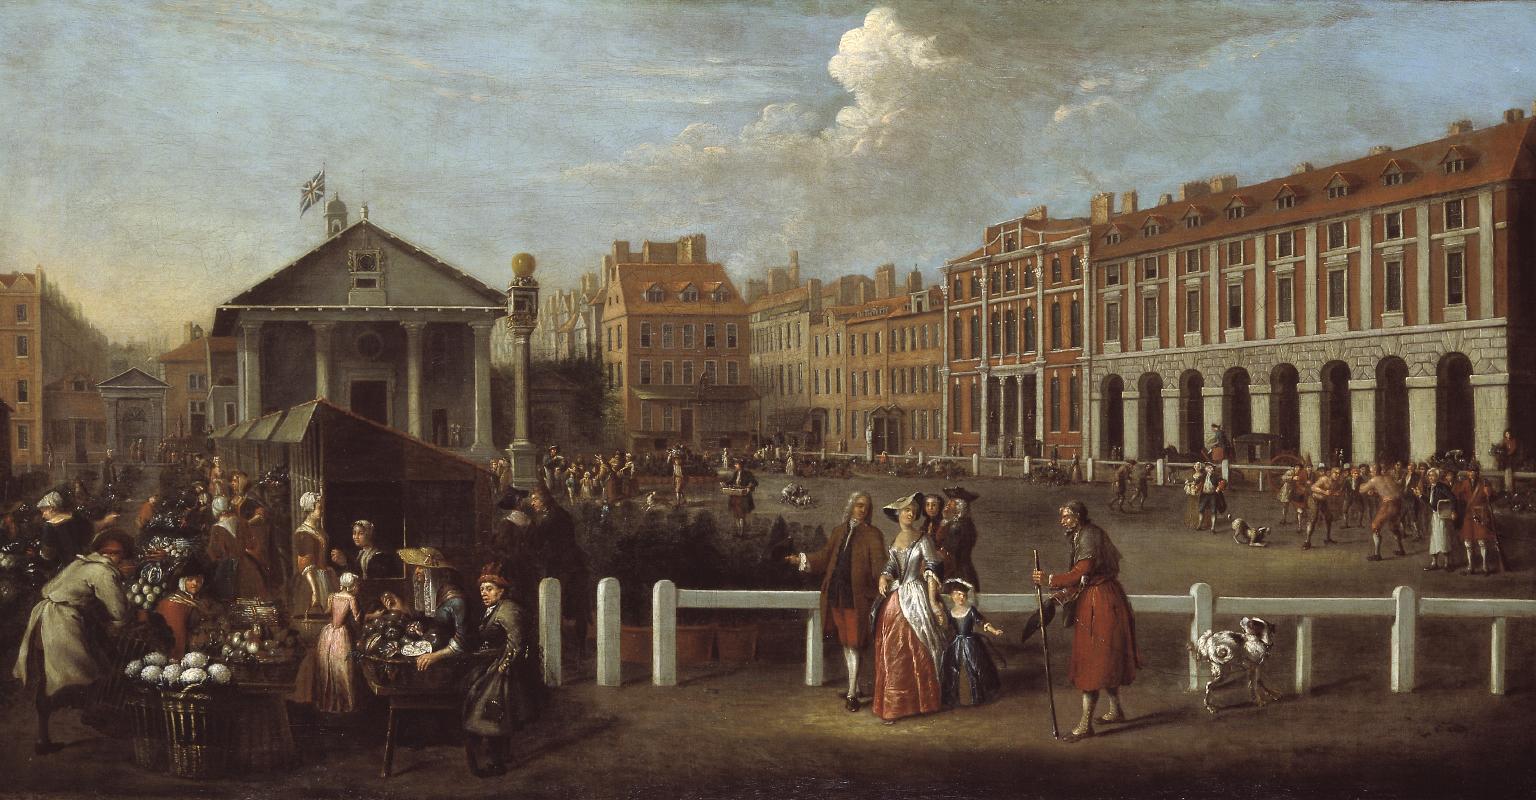 Covent Garden Market', Balthazar Nebot, 1737.